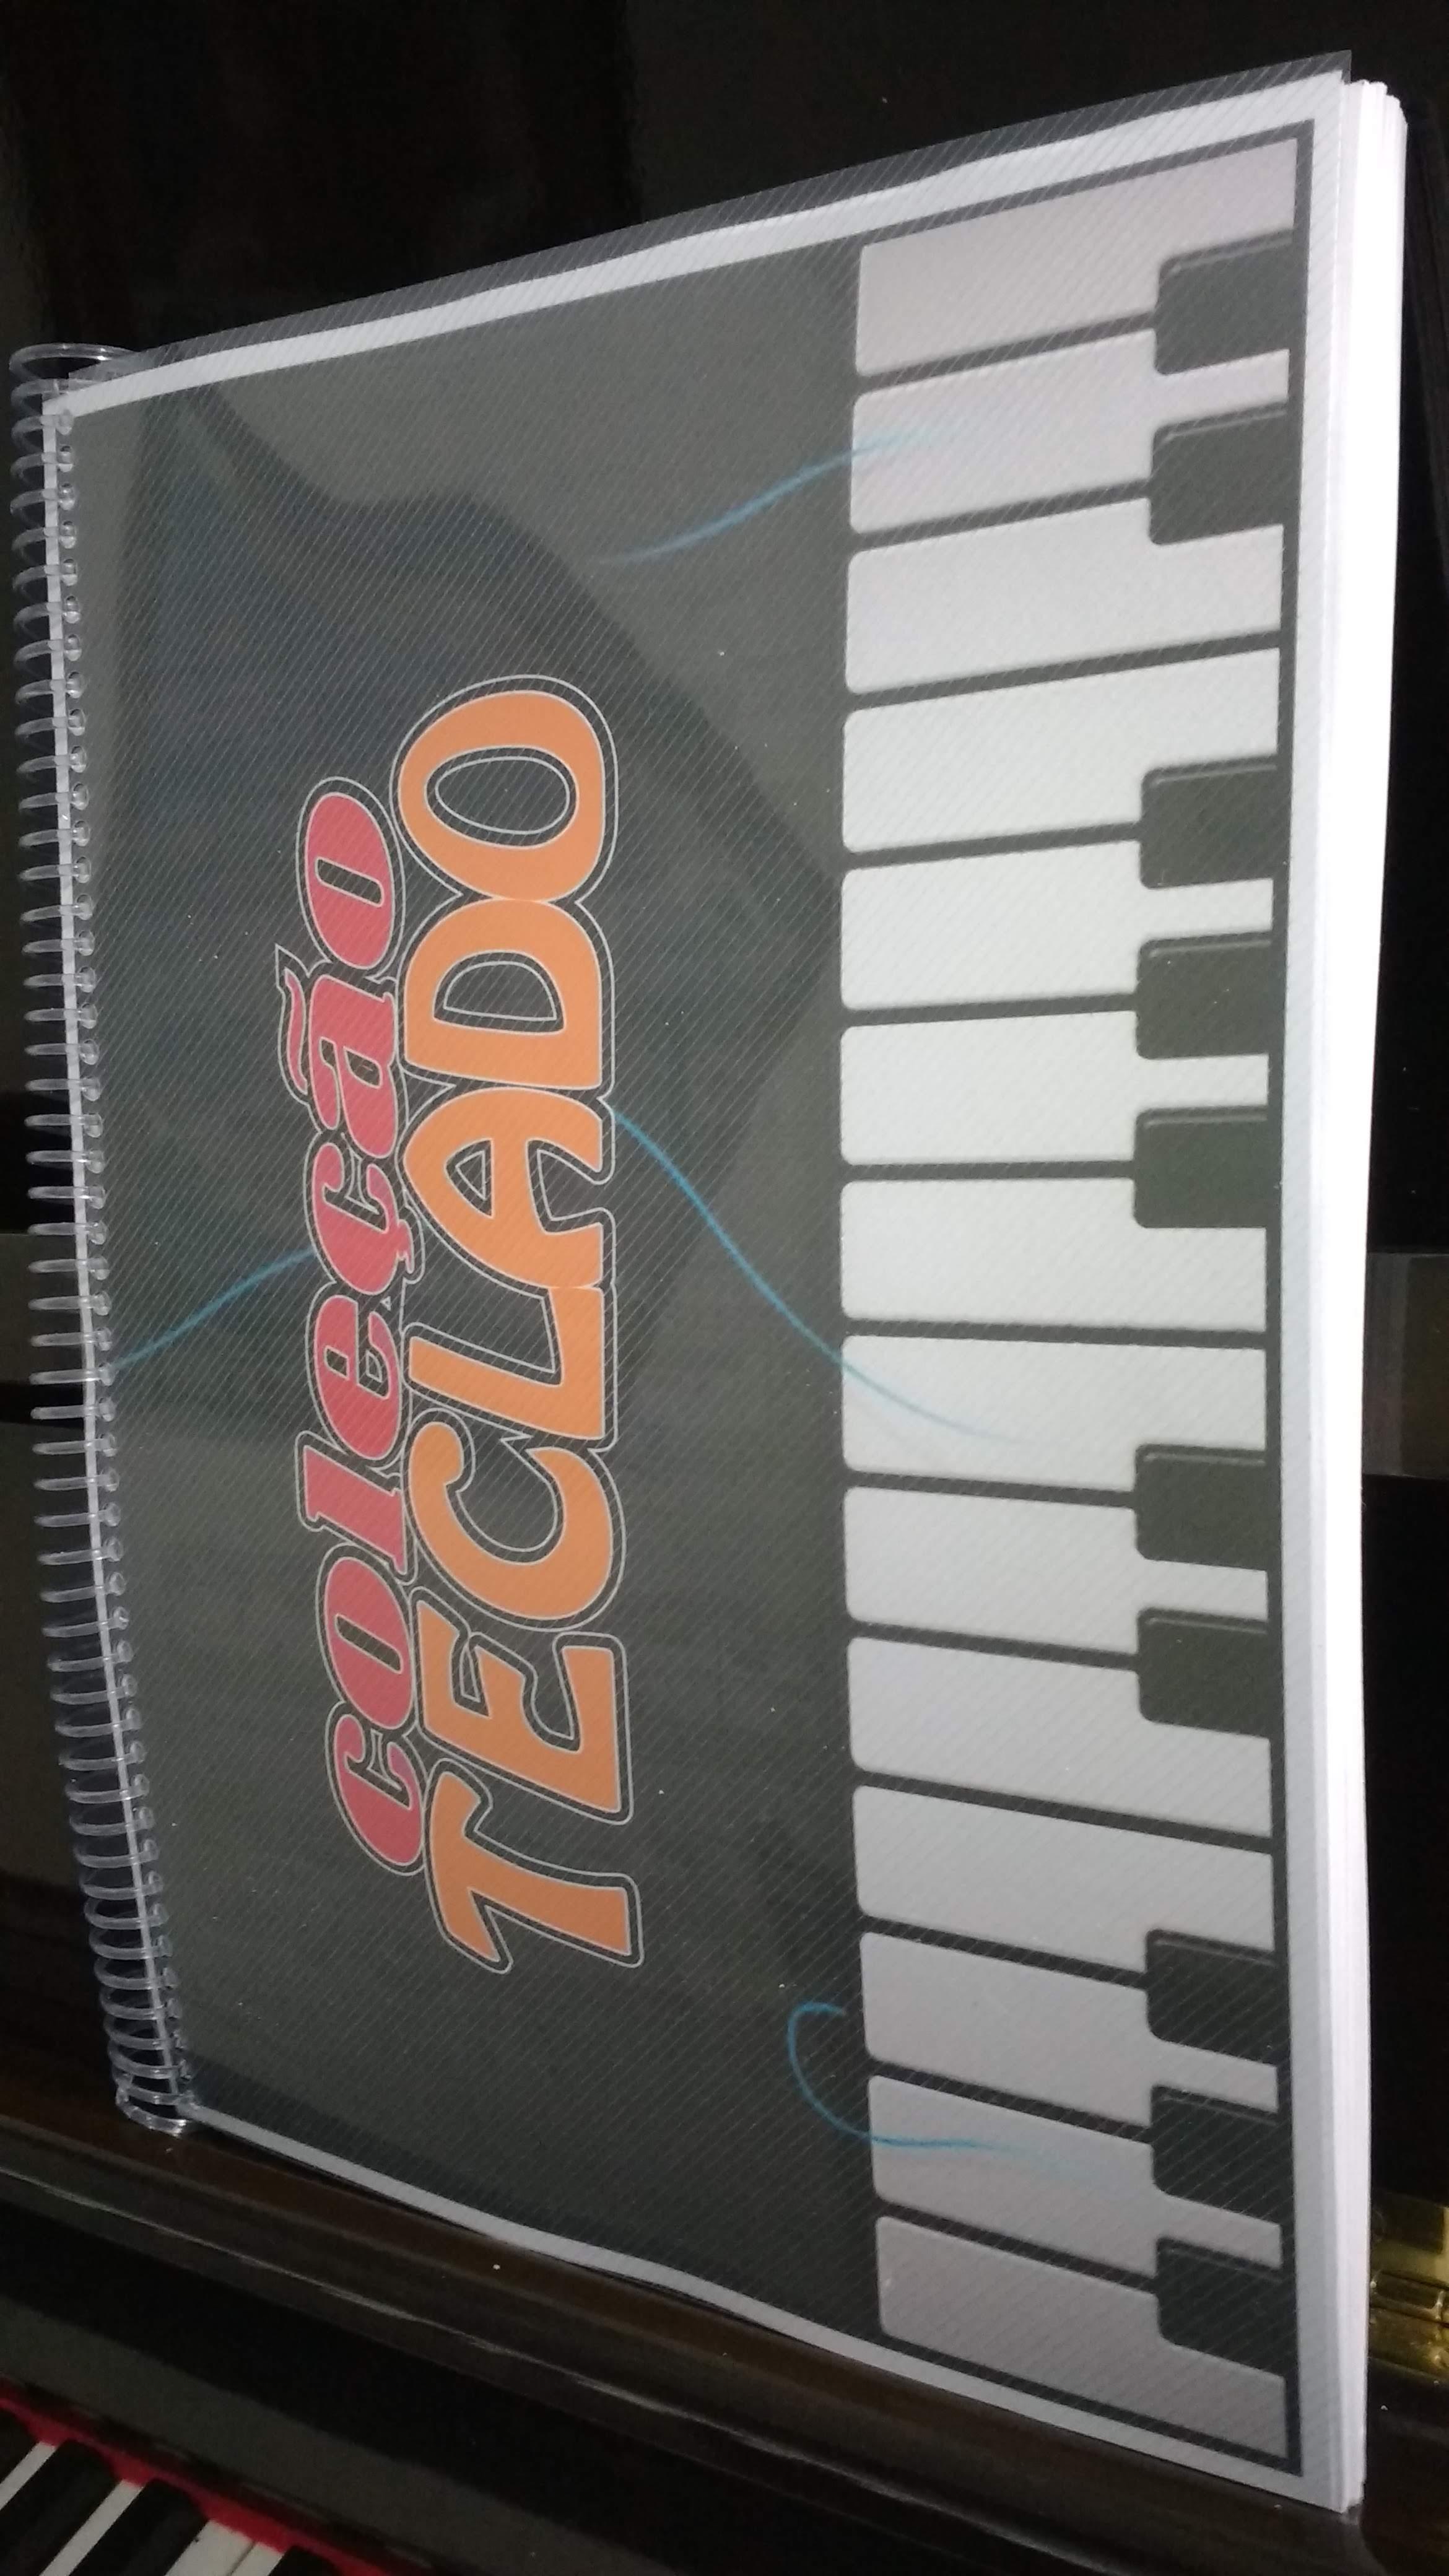 apostila @lojamineiradomusico musica aula de teclado em juiz de fora, aula de musica em juiz de fora, aprender teclado, aprender piano, piano professor em jf, aprender a tocar piano, aprender a tocar teclado, @lucianetecladista,  professora de teclado, professora de piano, professor de musica em juiz de fora, professora de musica em juiz de fora,   professora de teclado curso de teclado professora Luciane Borges @lucianetecladista #escolademusicabemol